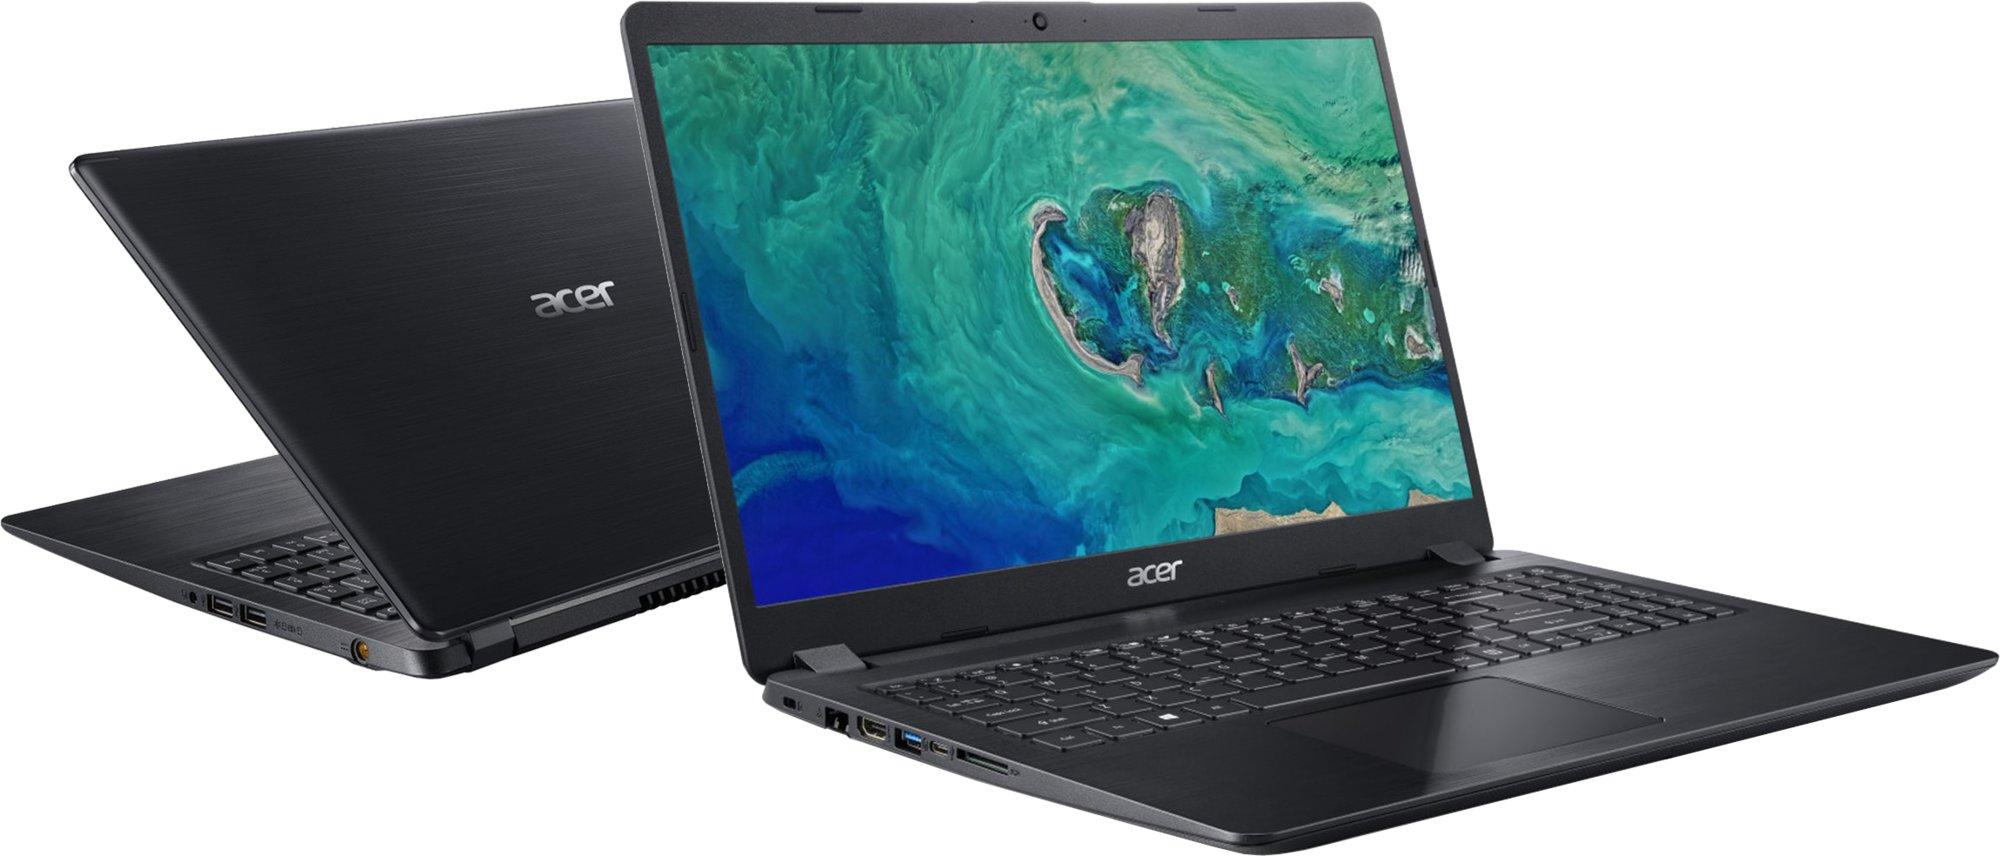 Acer Aspire 5 A515-52G-75AF